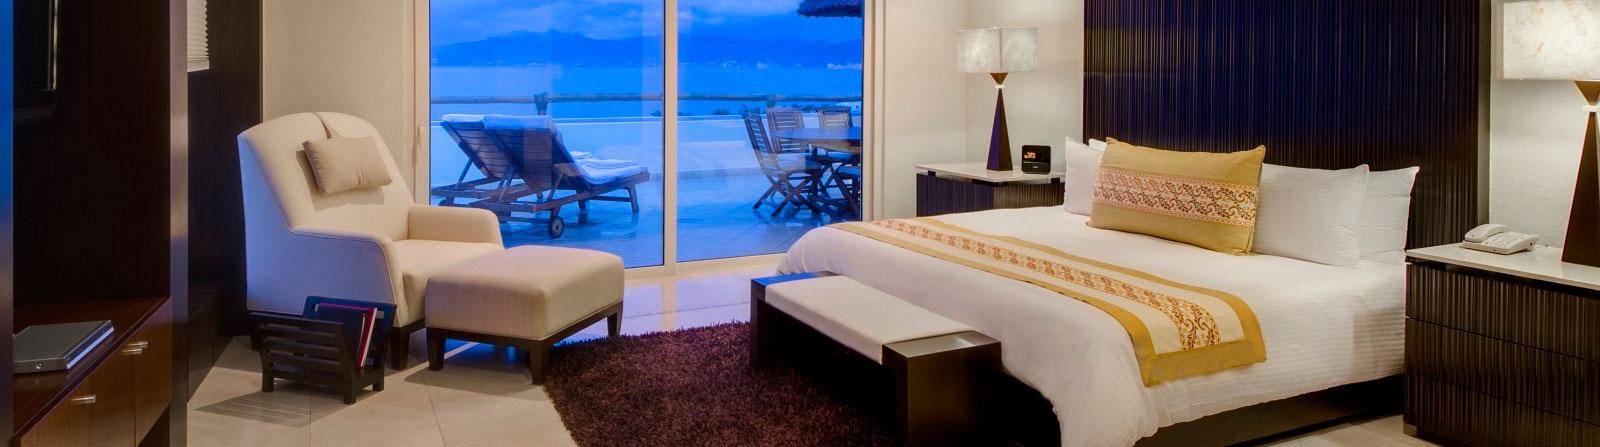 Suite présidentielle du Grand Velas Riviera Nayarit au Mexique